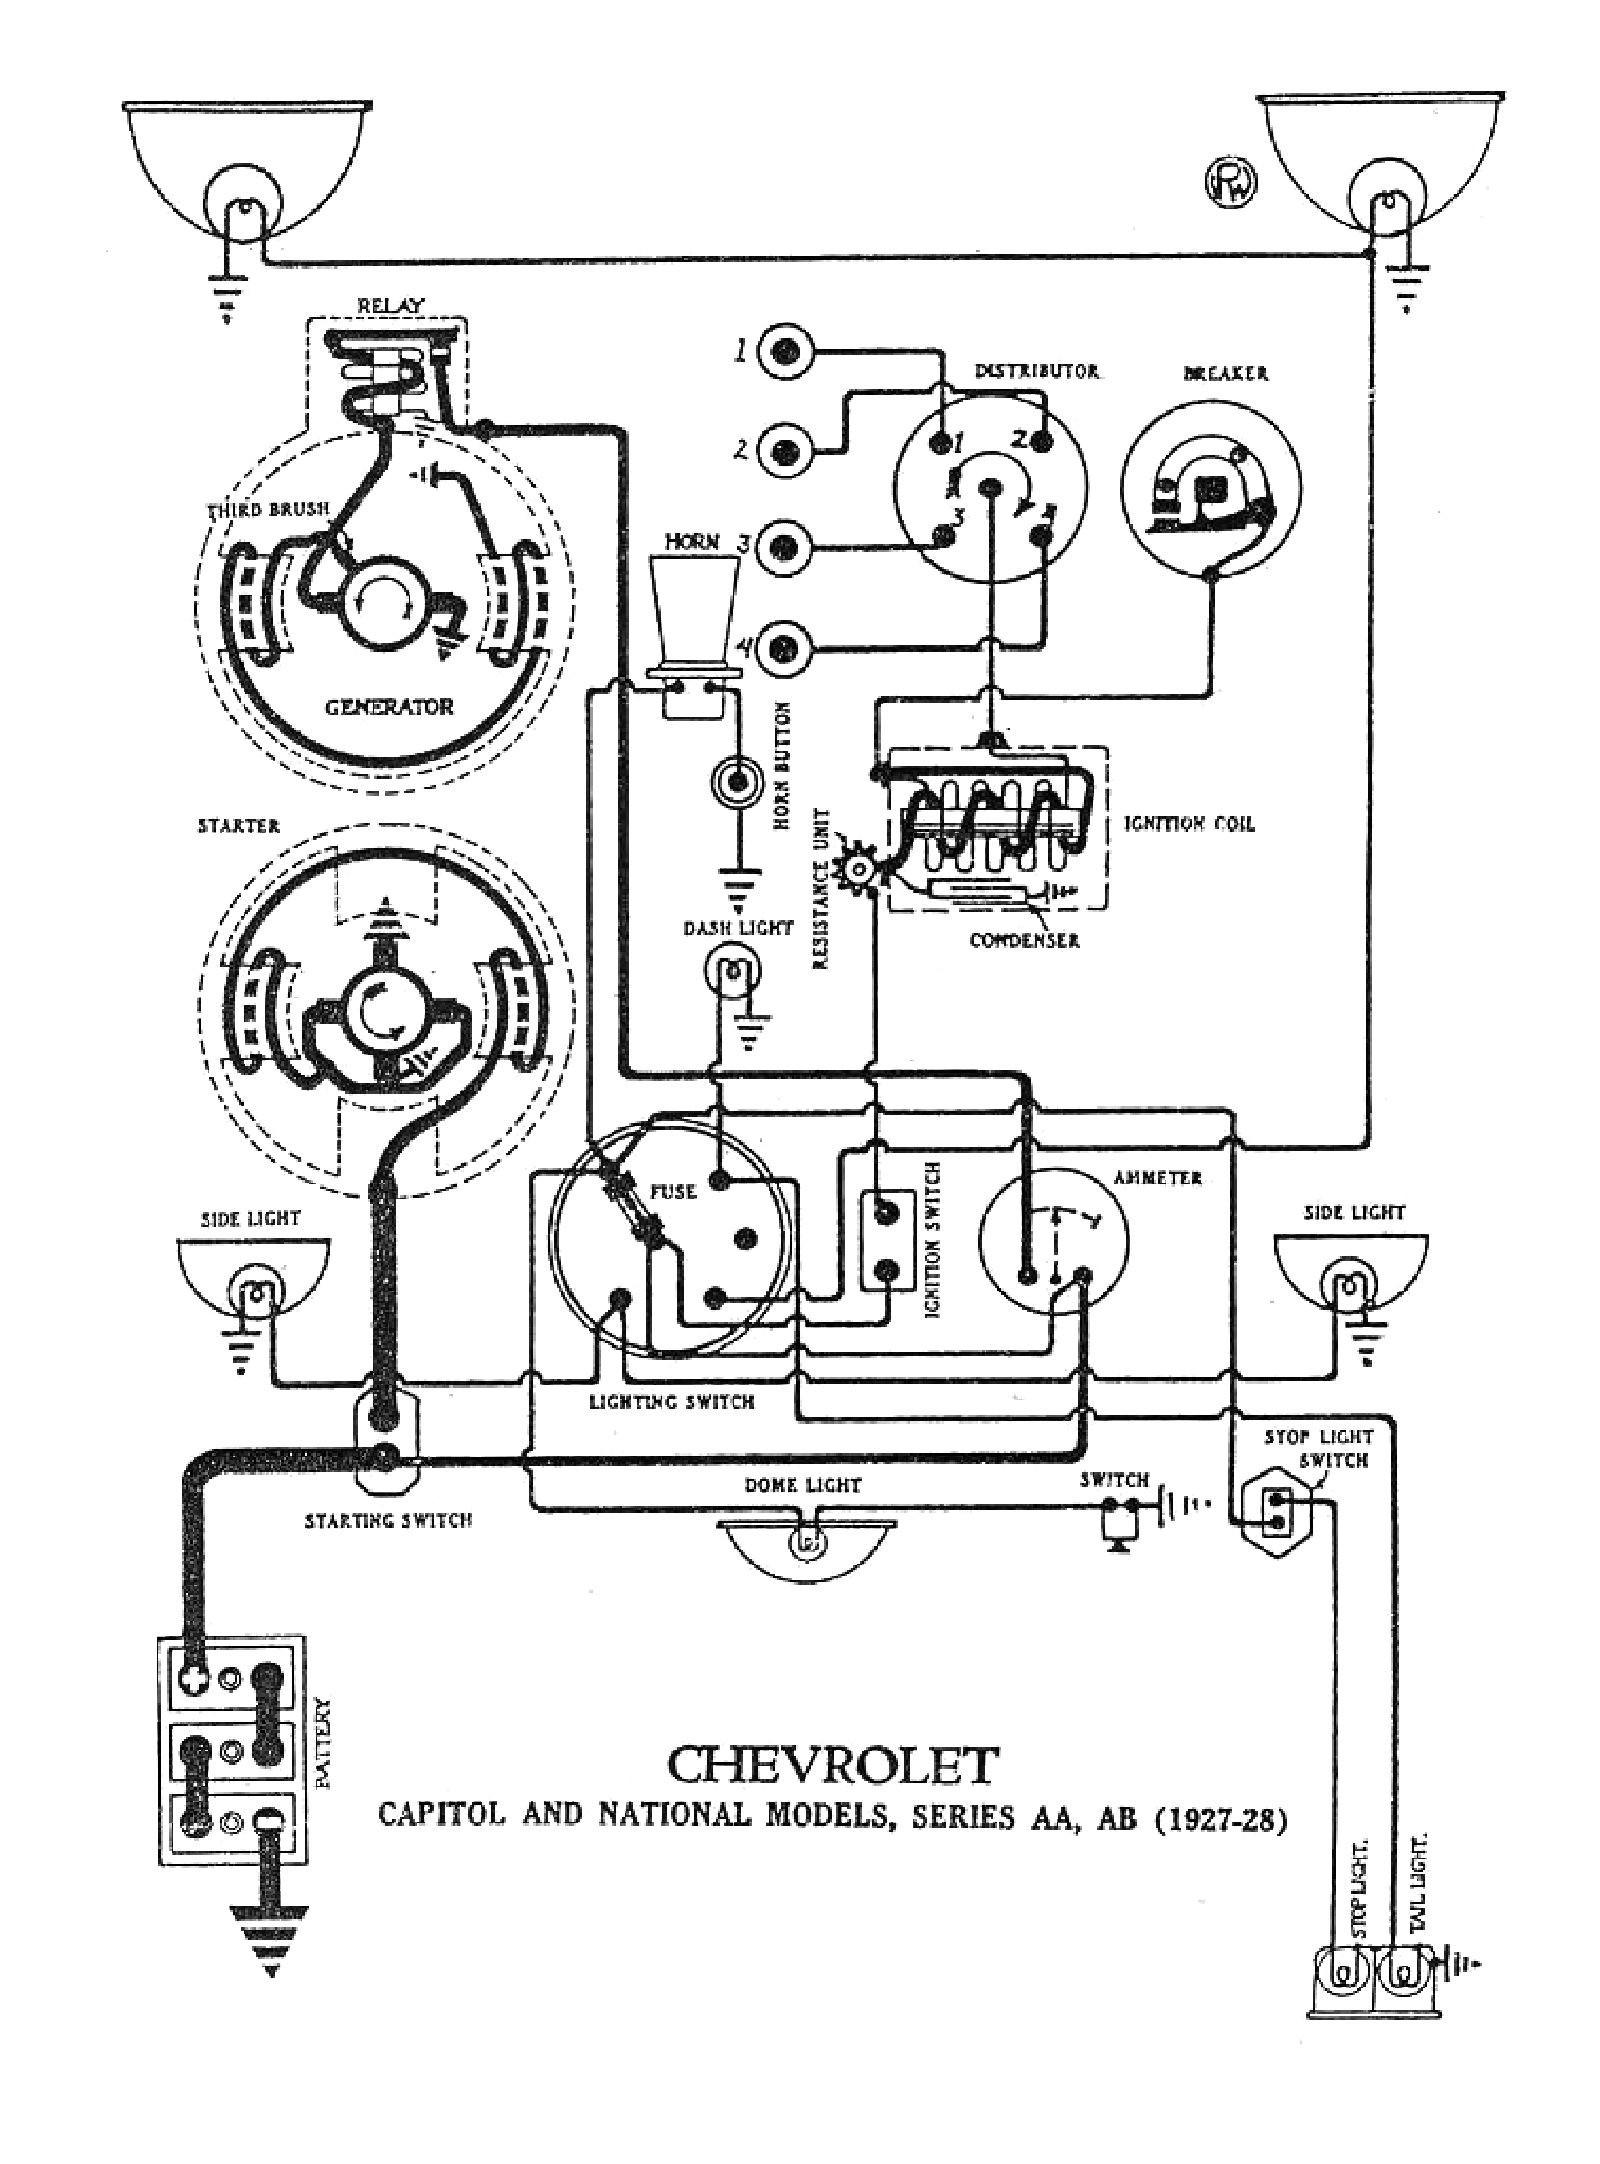 31 Chevy S10 Vacuum Diagram